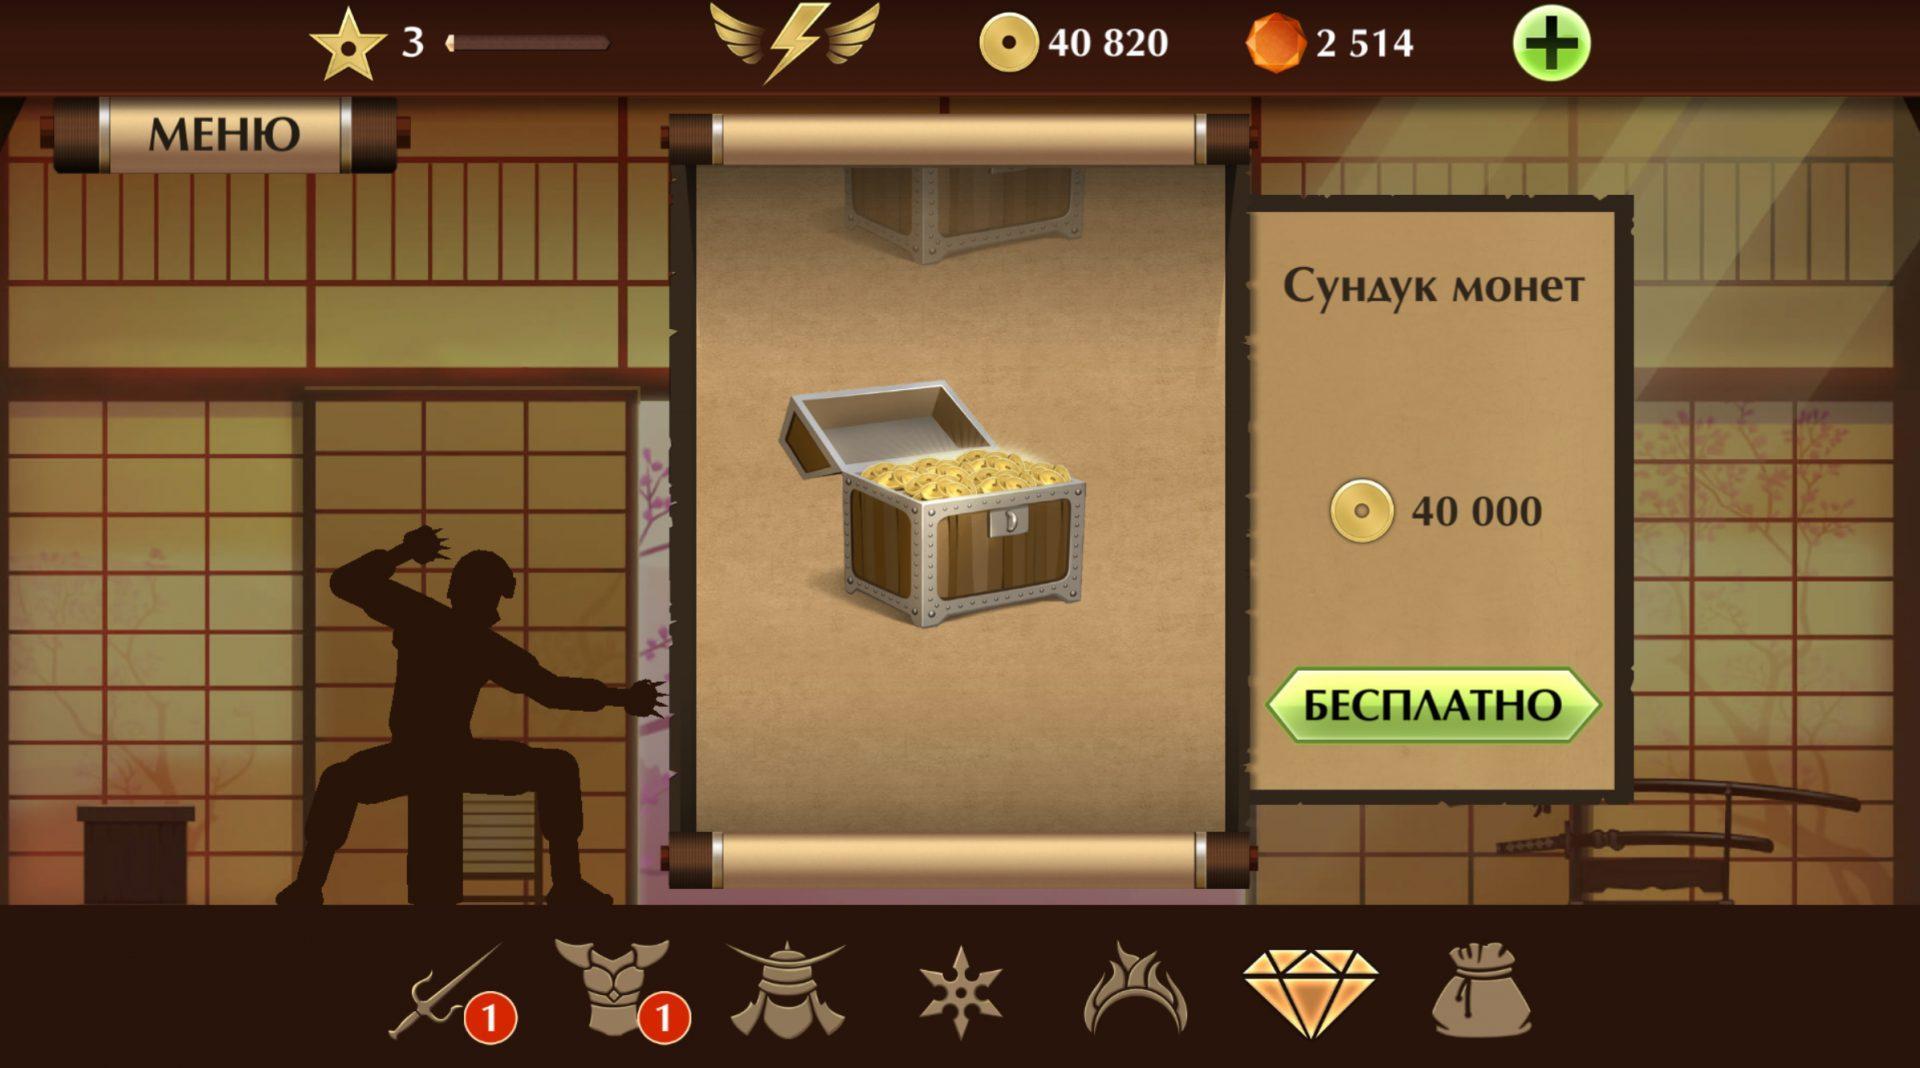 баг на деньги в игре shadow fight 2